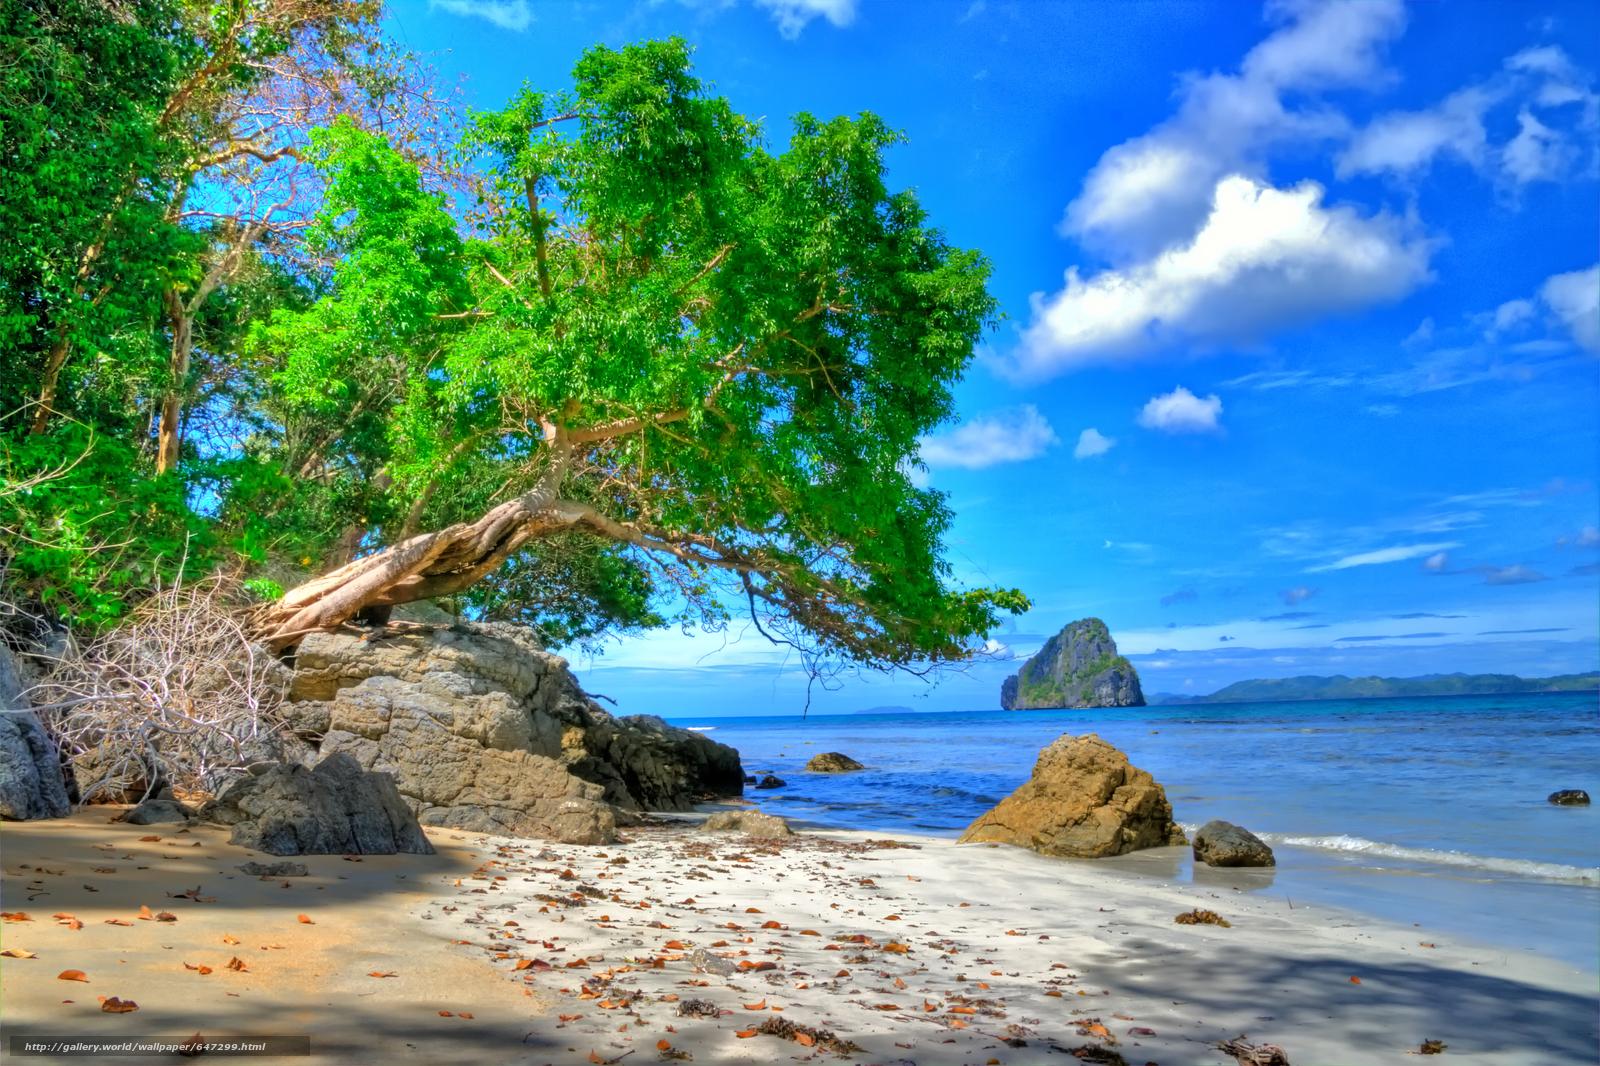 Скачать обои море,  берег,  скалы,  дерево бесплатно для рабочего стола в разрешении 7280x4850 — картинка №647299